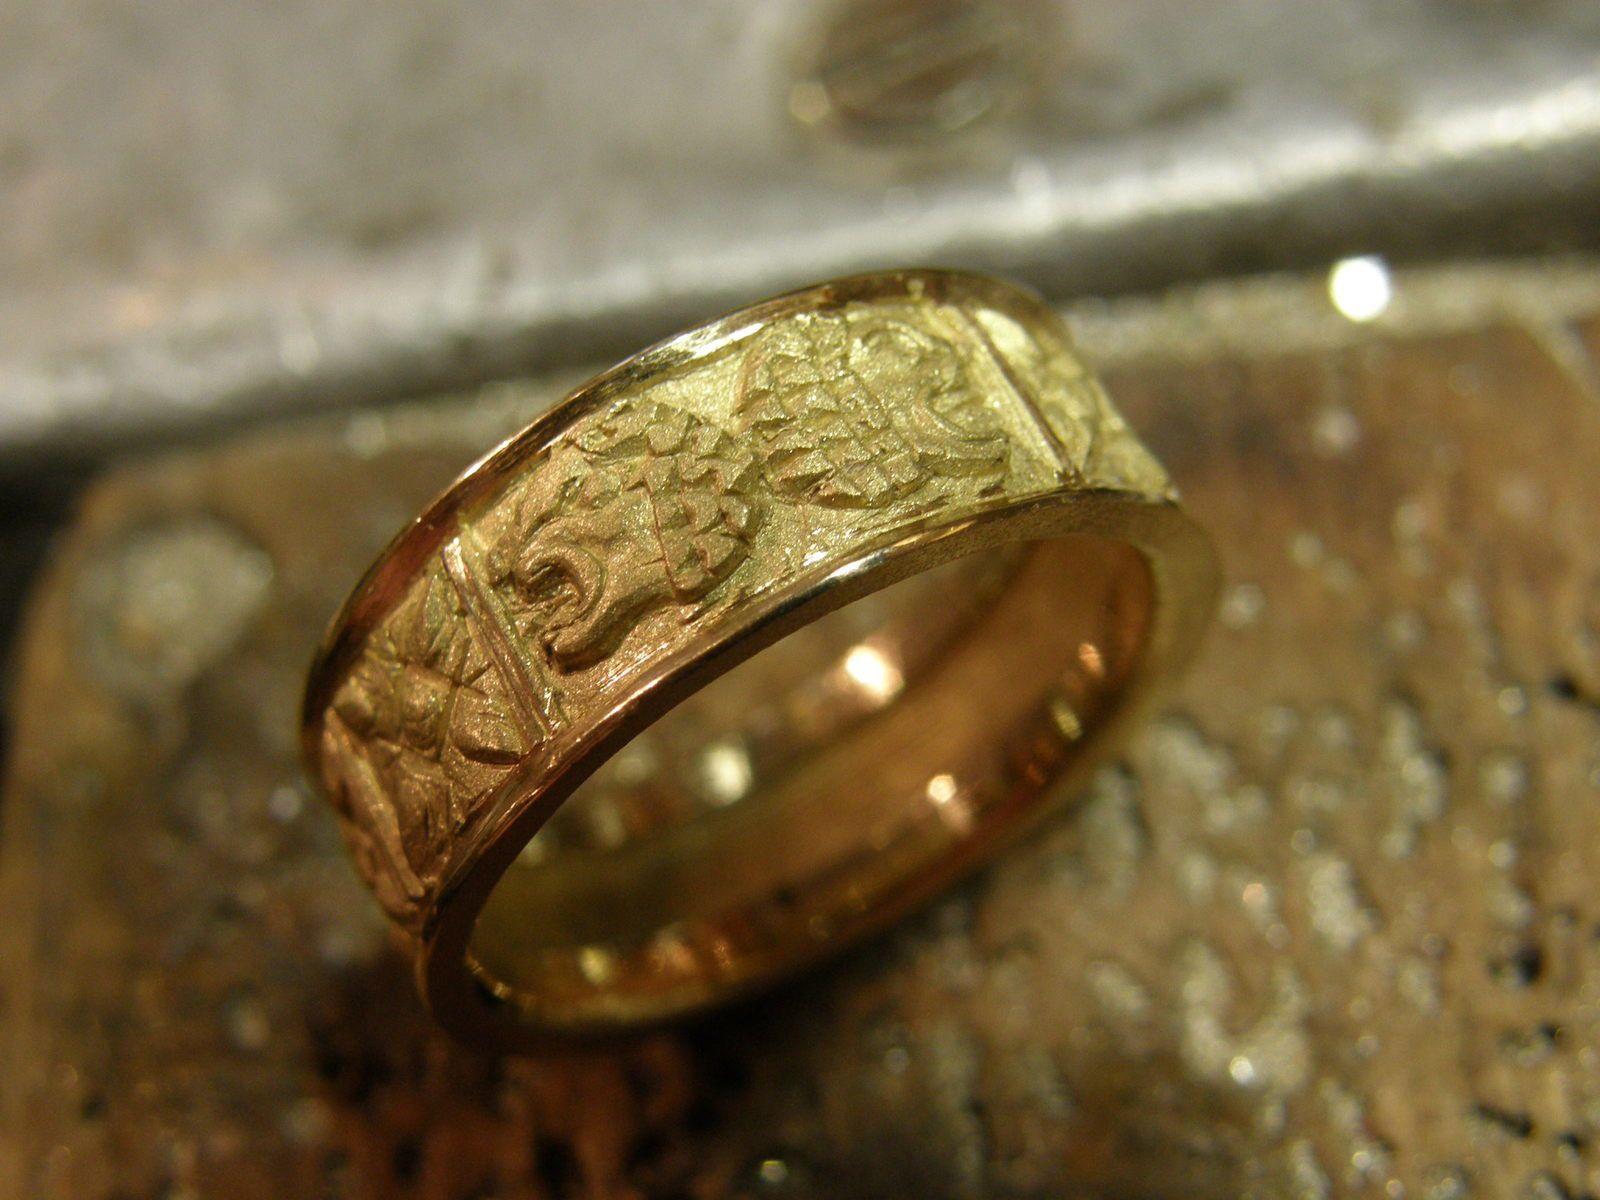 Anneau d'or coule en piece unique a la cire perdue.